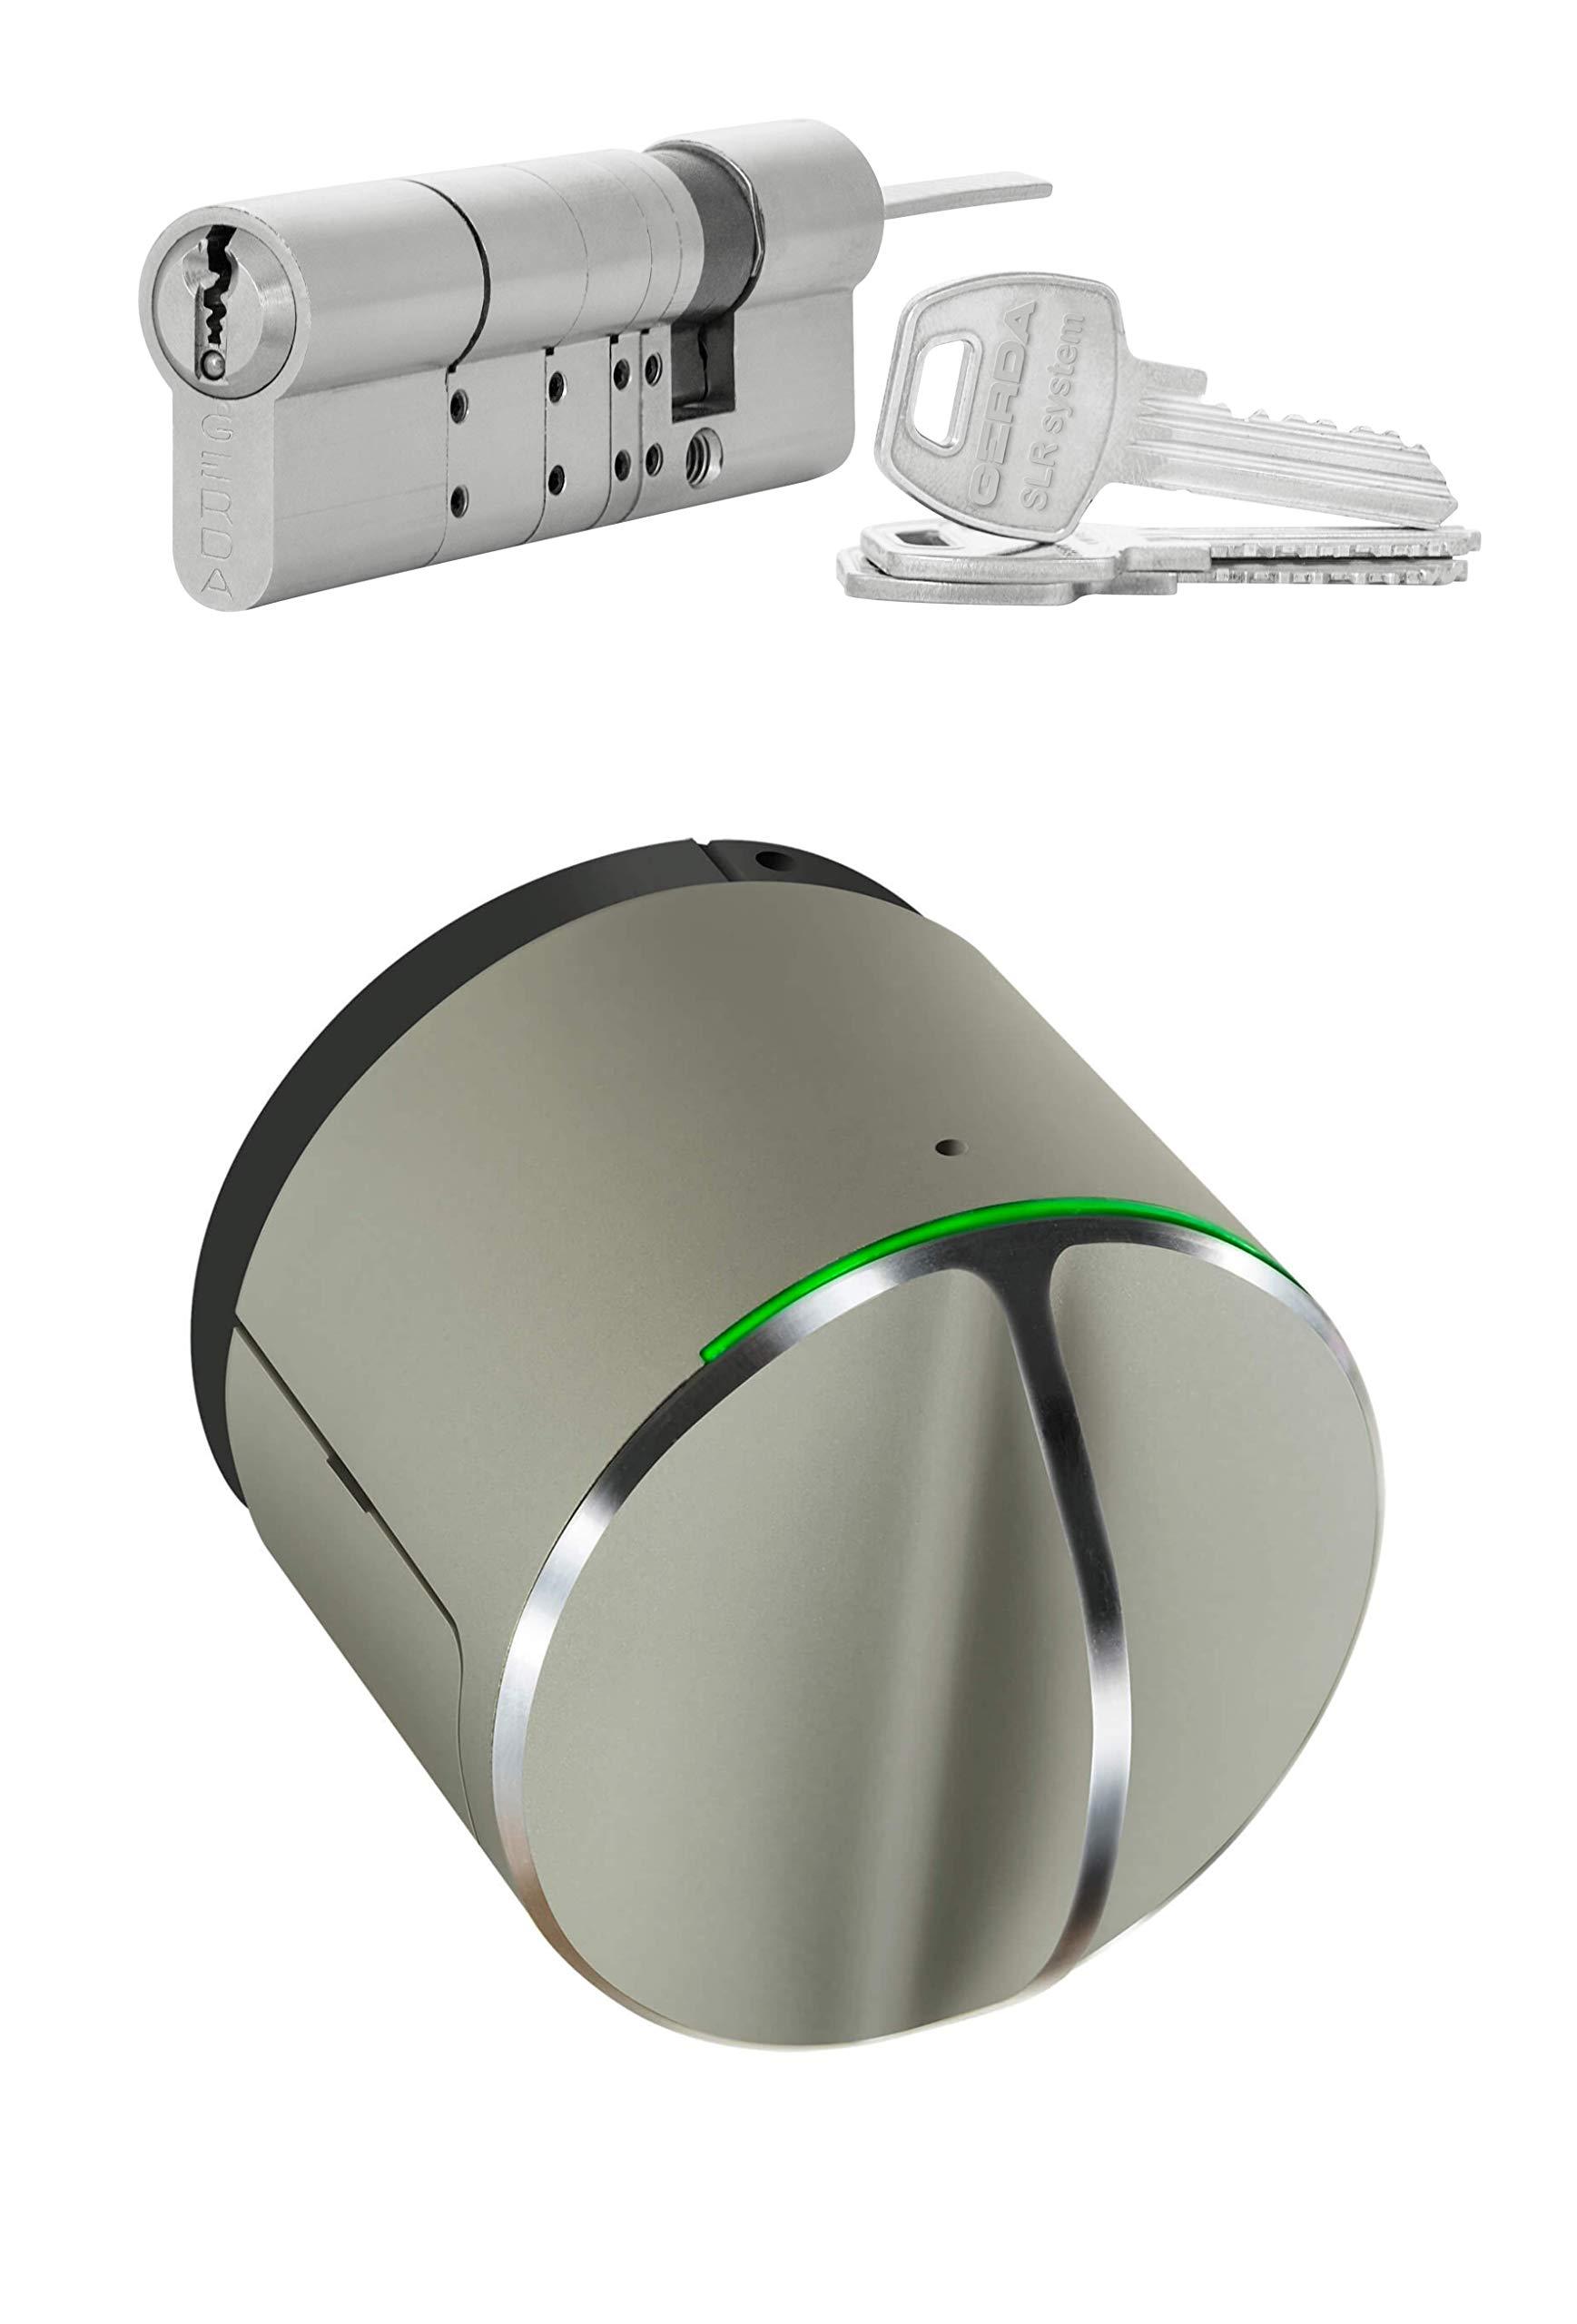 Danalock V3 HomeKit Serrure Connectée + Cylindre de sécurité extensible